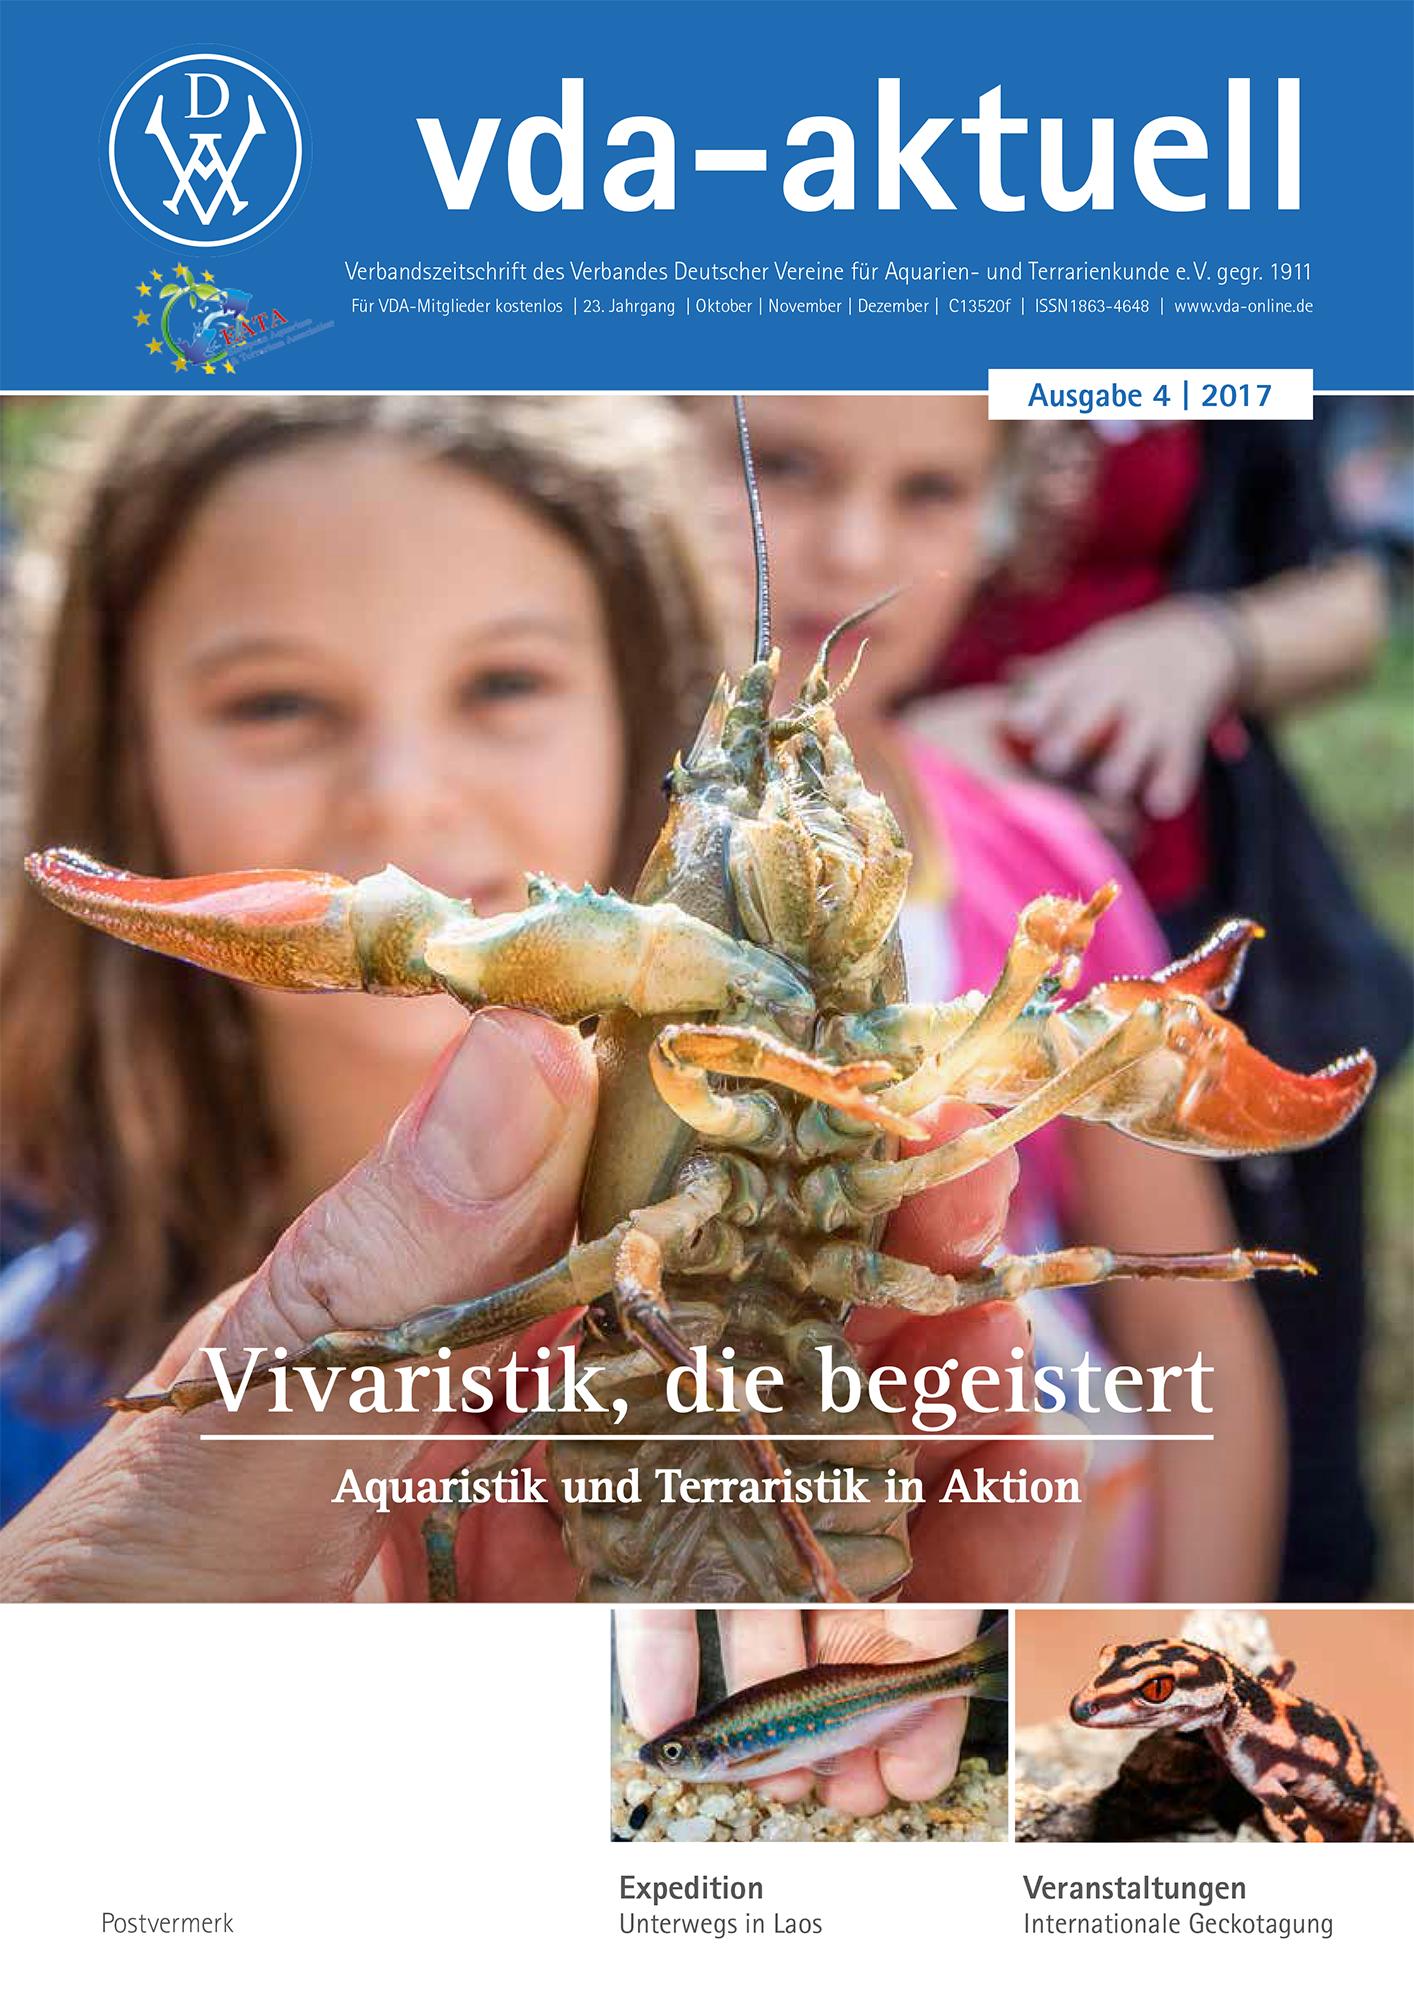 VDA-Aktuell Ausgabe 4/2017 ist erschienen 1